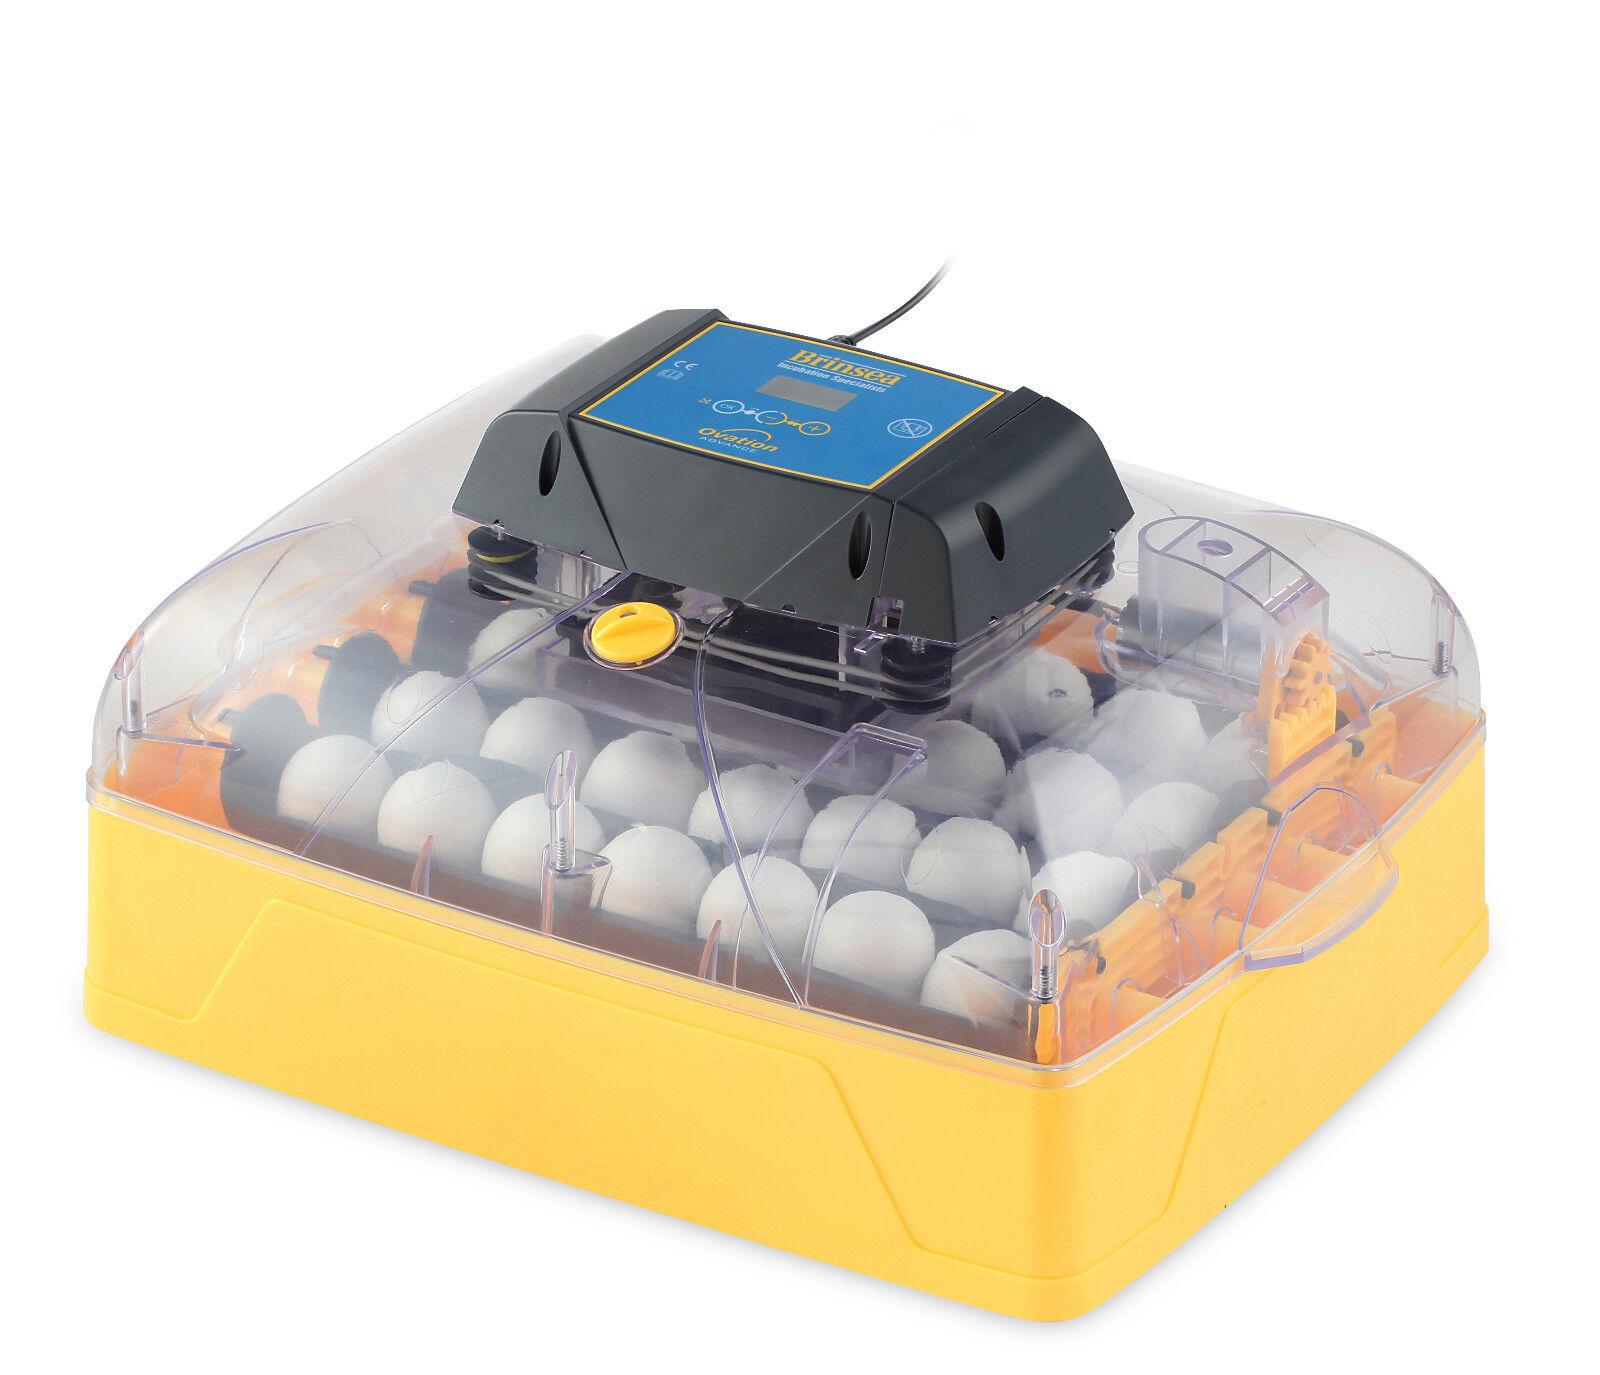 Compatta mac na da cova BRINSEA Ovation 28 Advance  per circa 28 uova di gallina